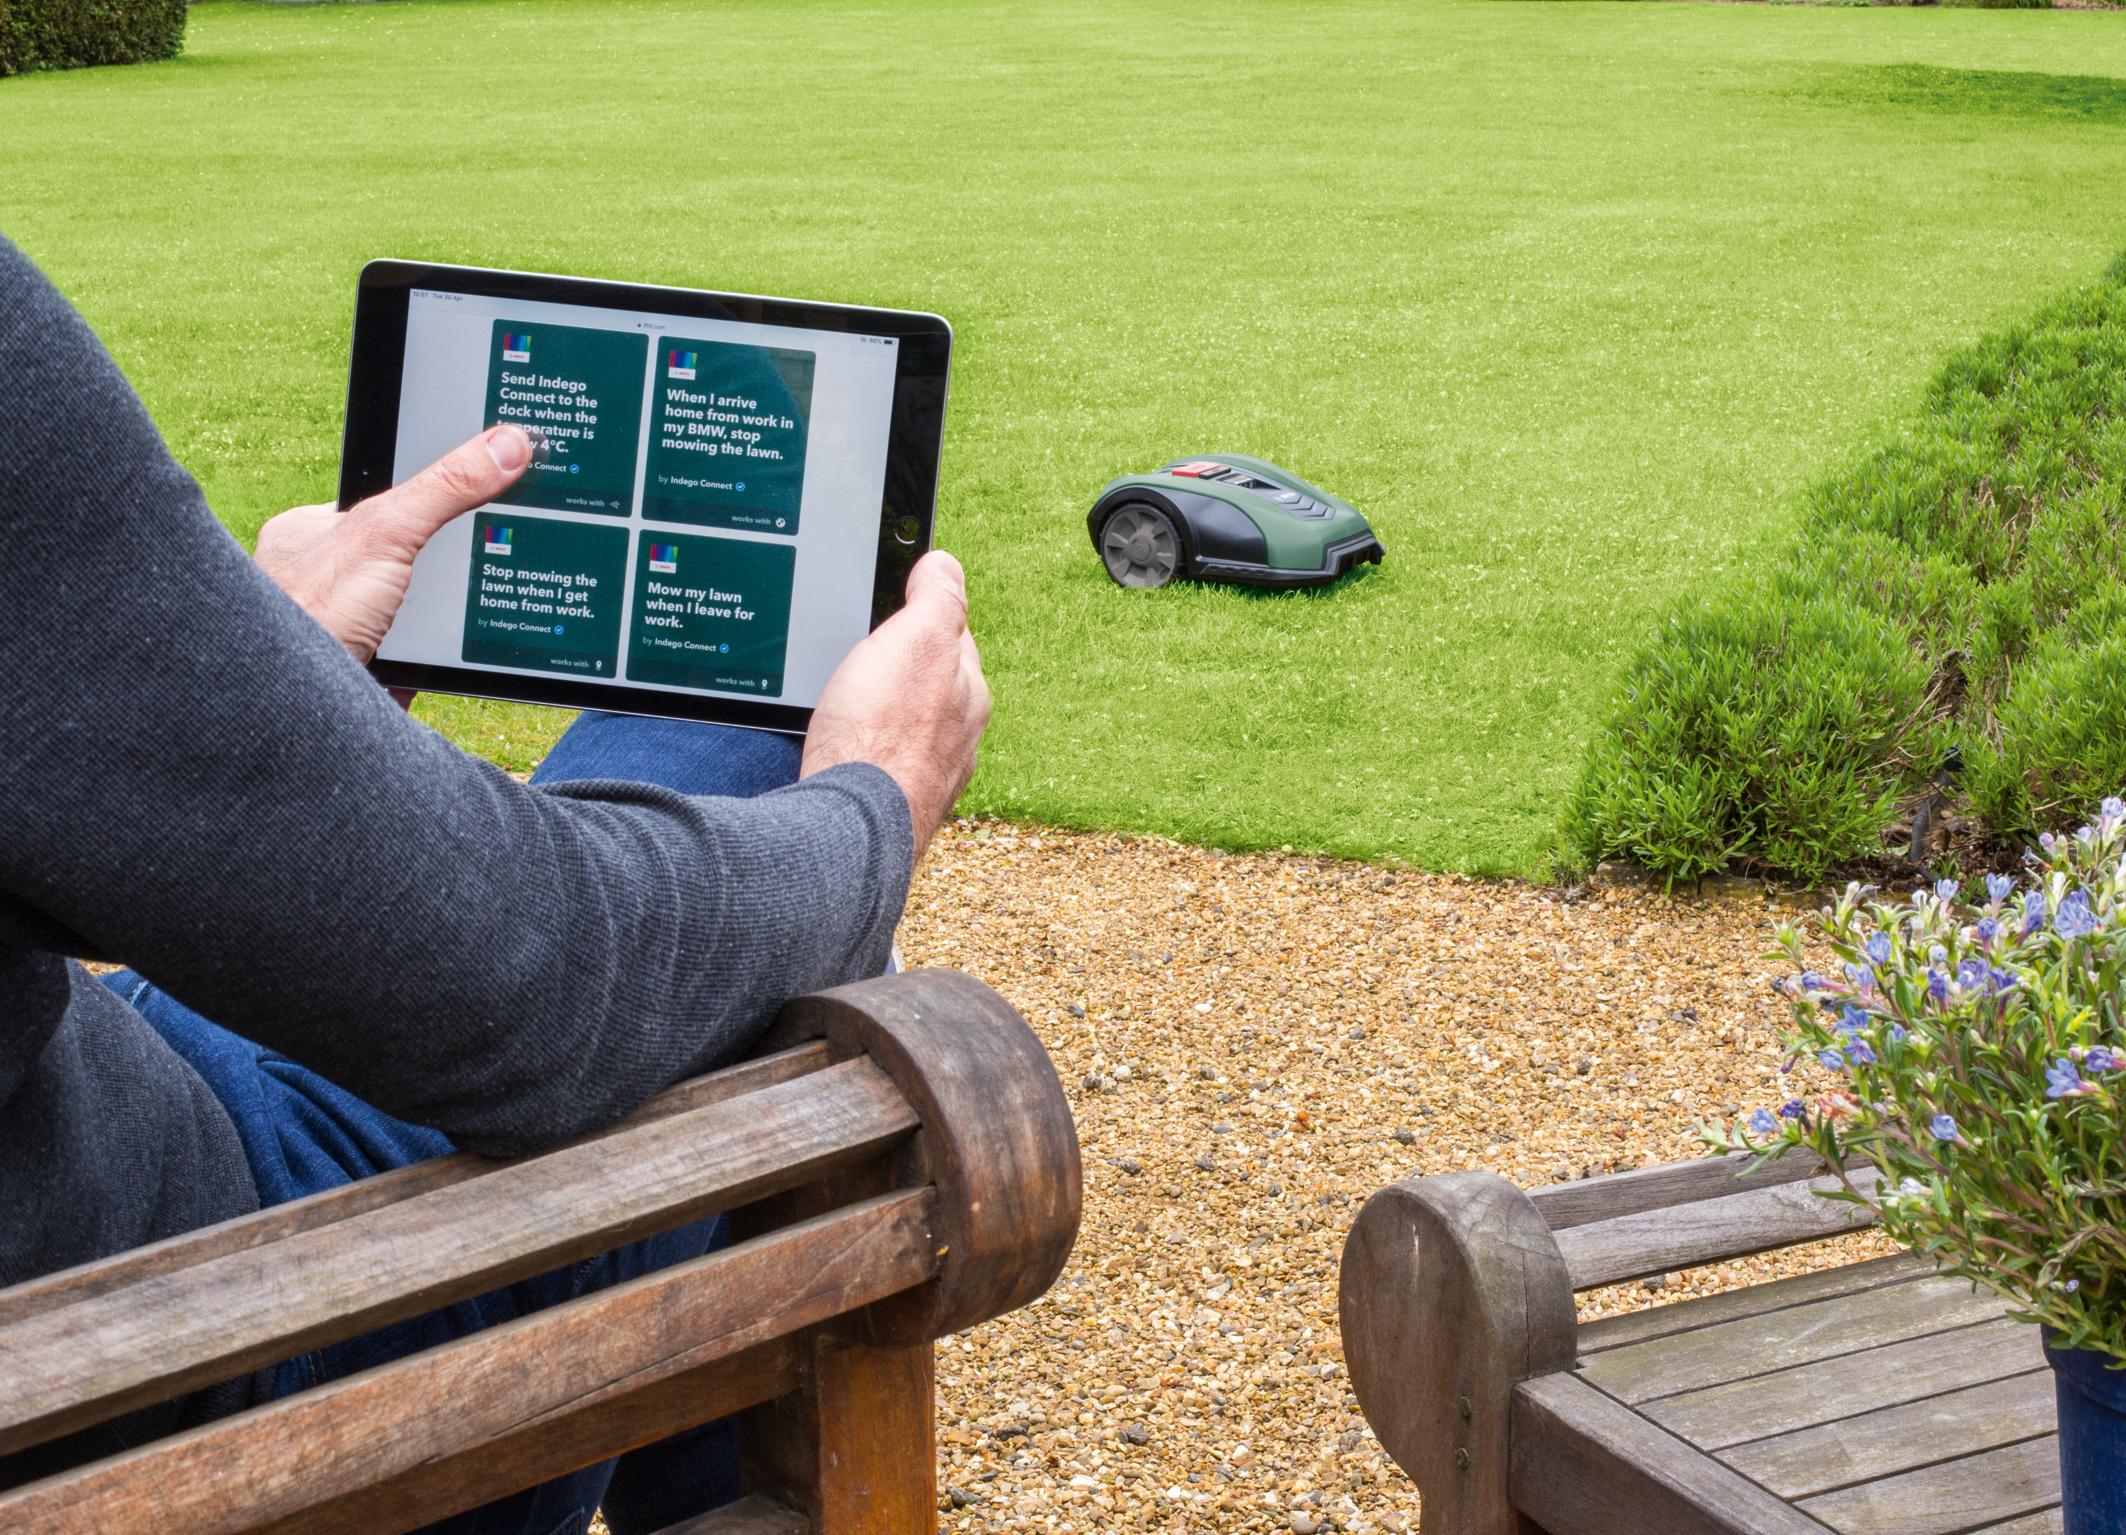 Ještě větší flexibilita pomocí hlasového asistenta Amazon Alexa a propojené platformy IFTTT: Robotické sekačky Bosch Indego M 700 a Indego M+ 700